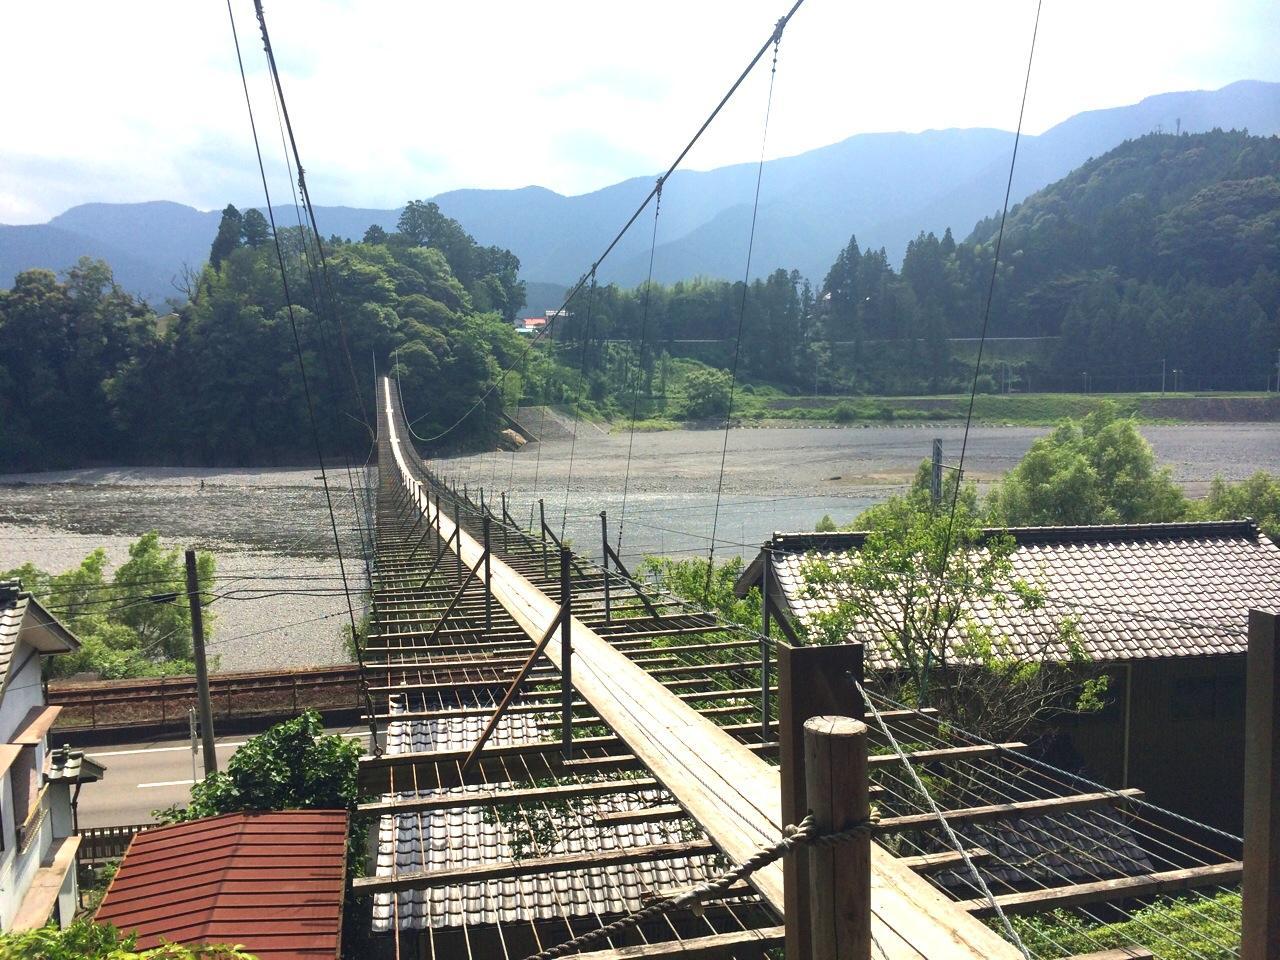 スリル満点☆空中散歩が出来る吊り橋とオシャレカフェ♡in静岡